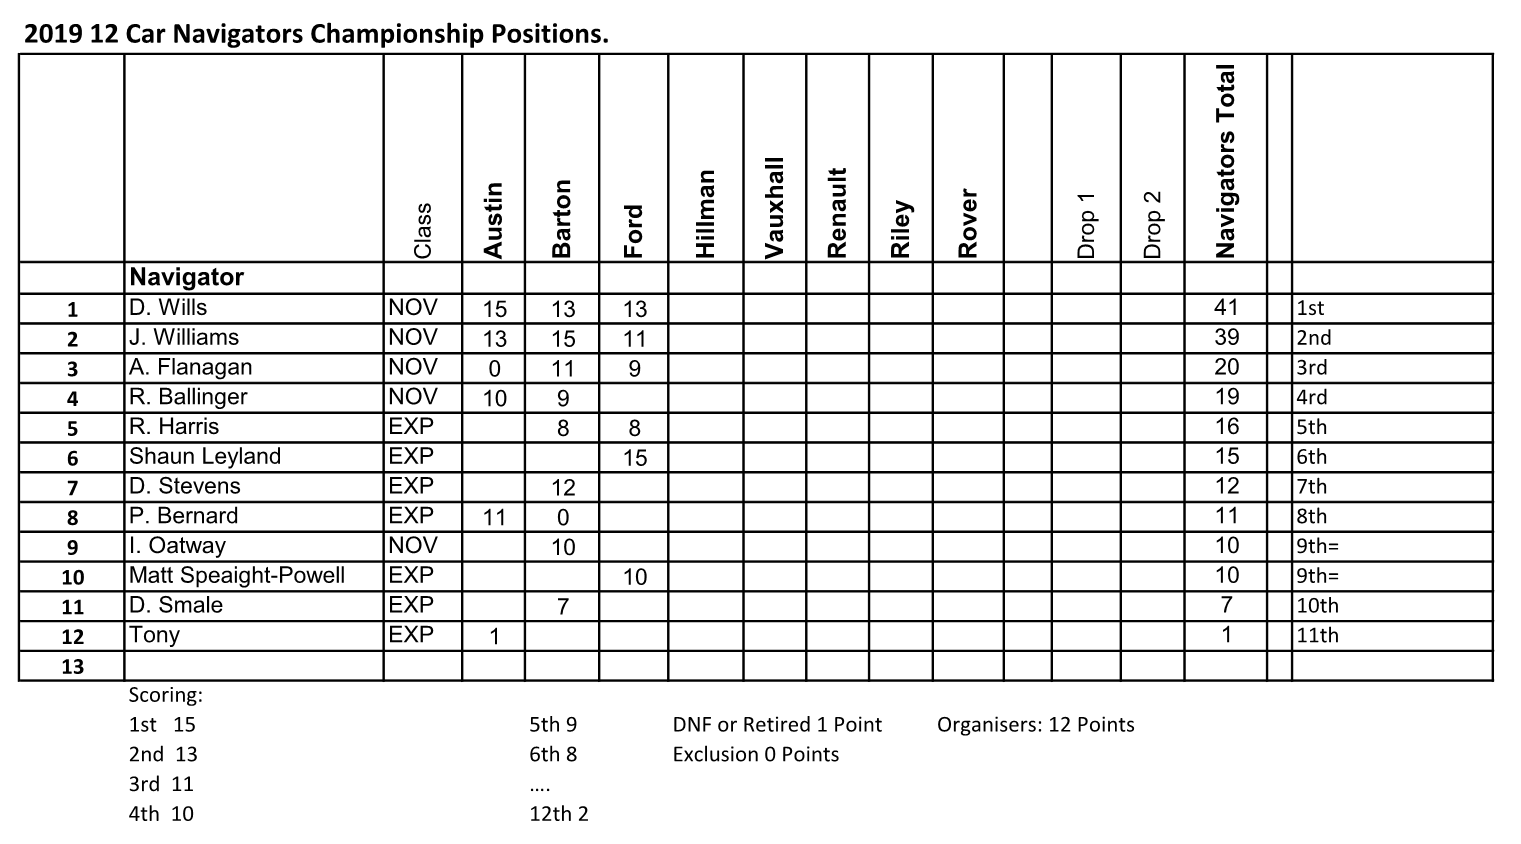 2019 12 Car Navigators Championship